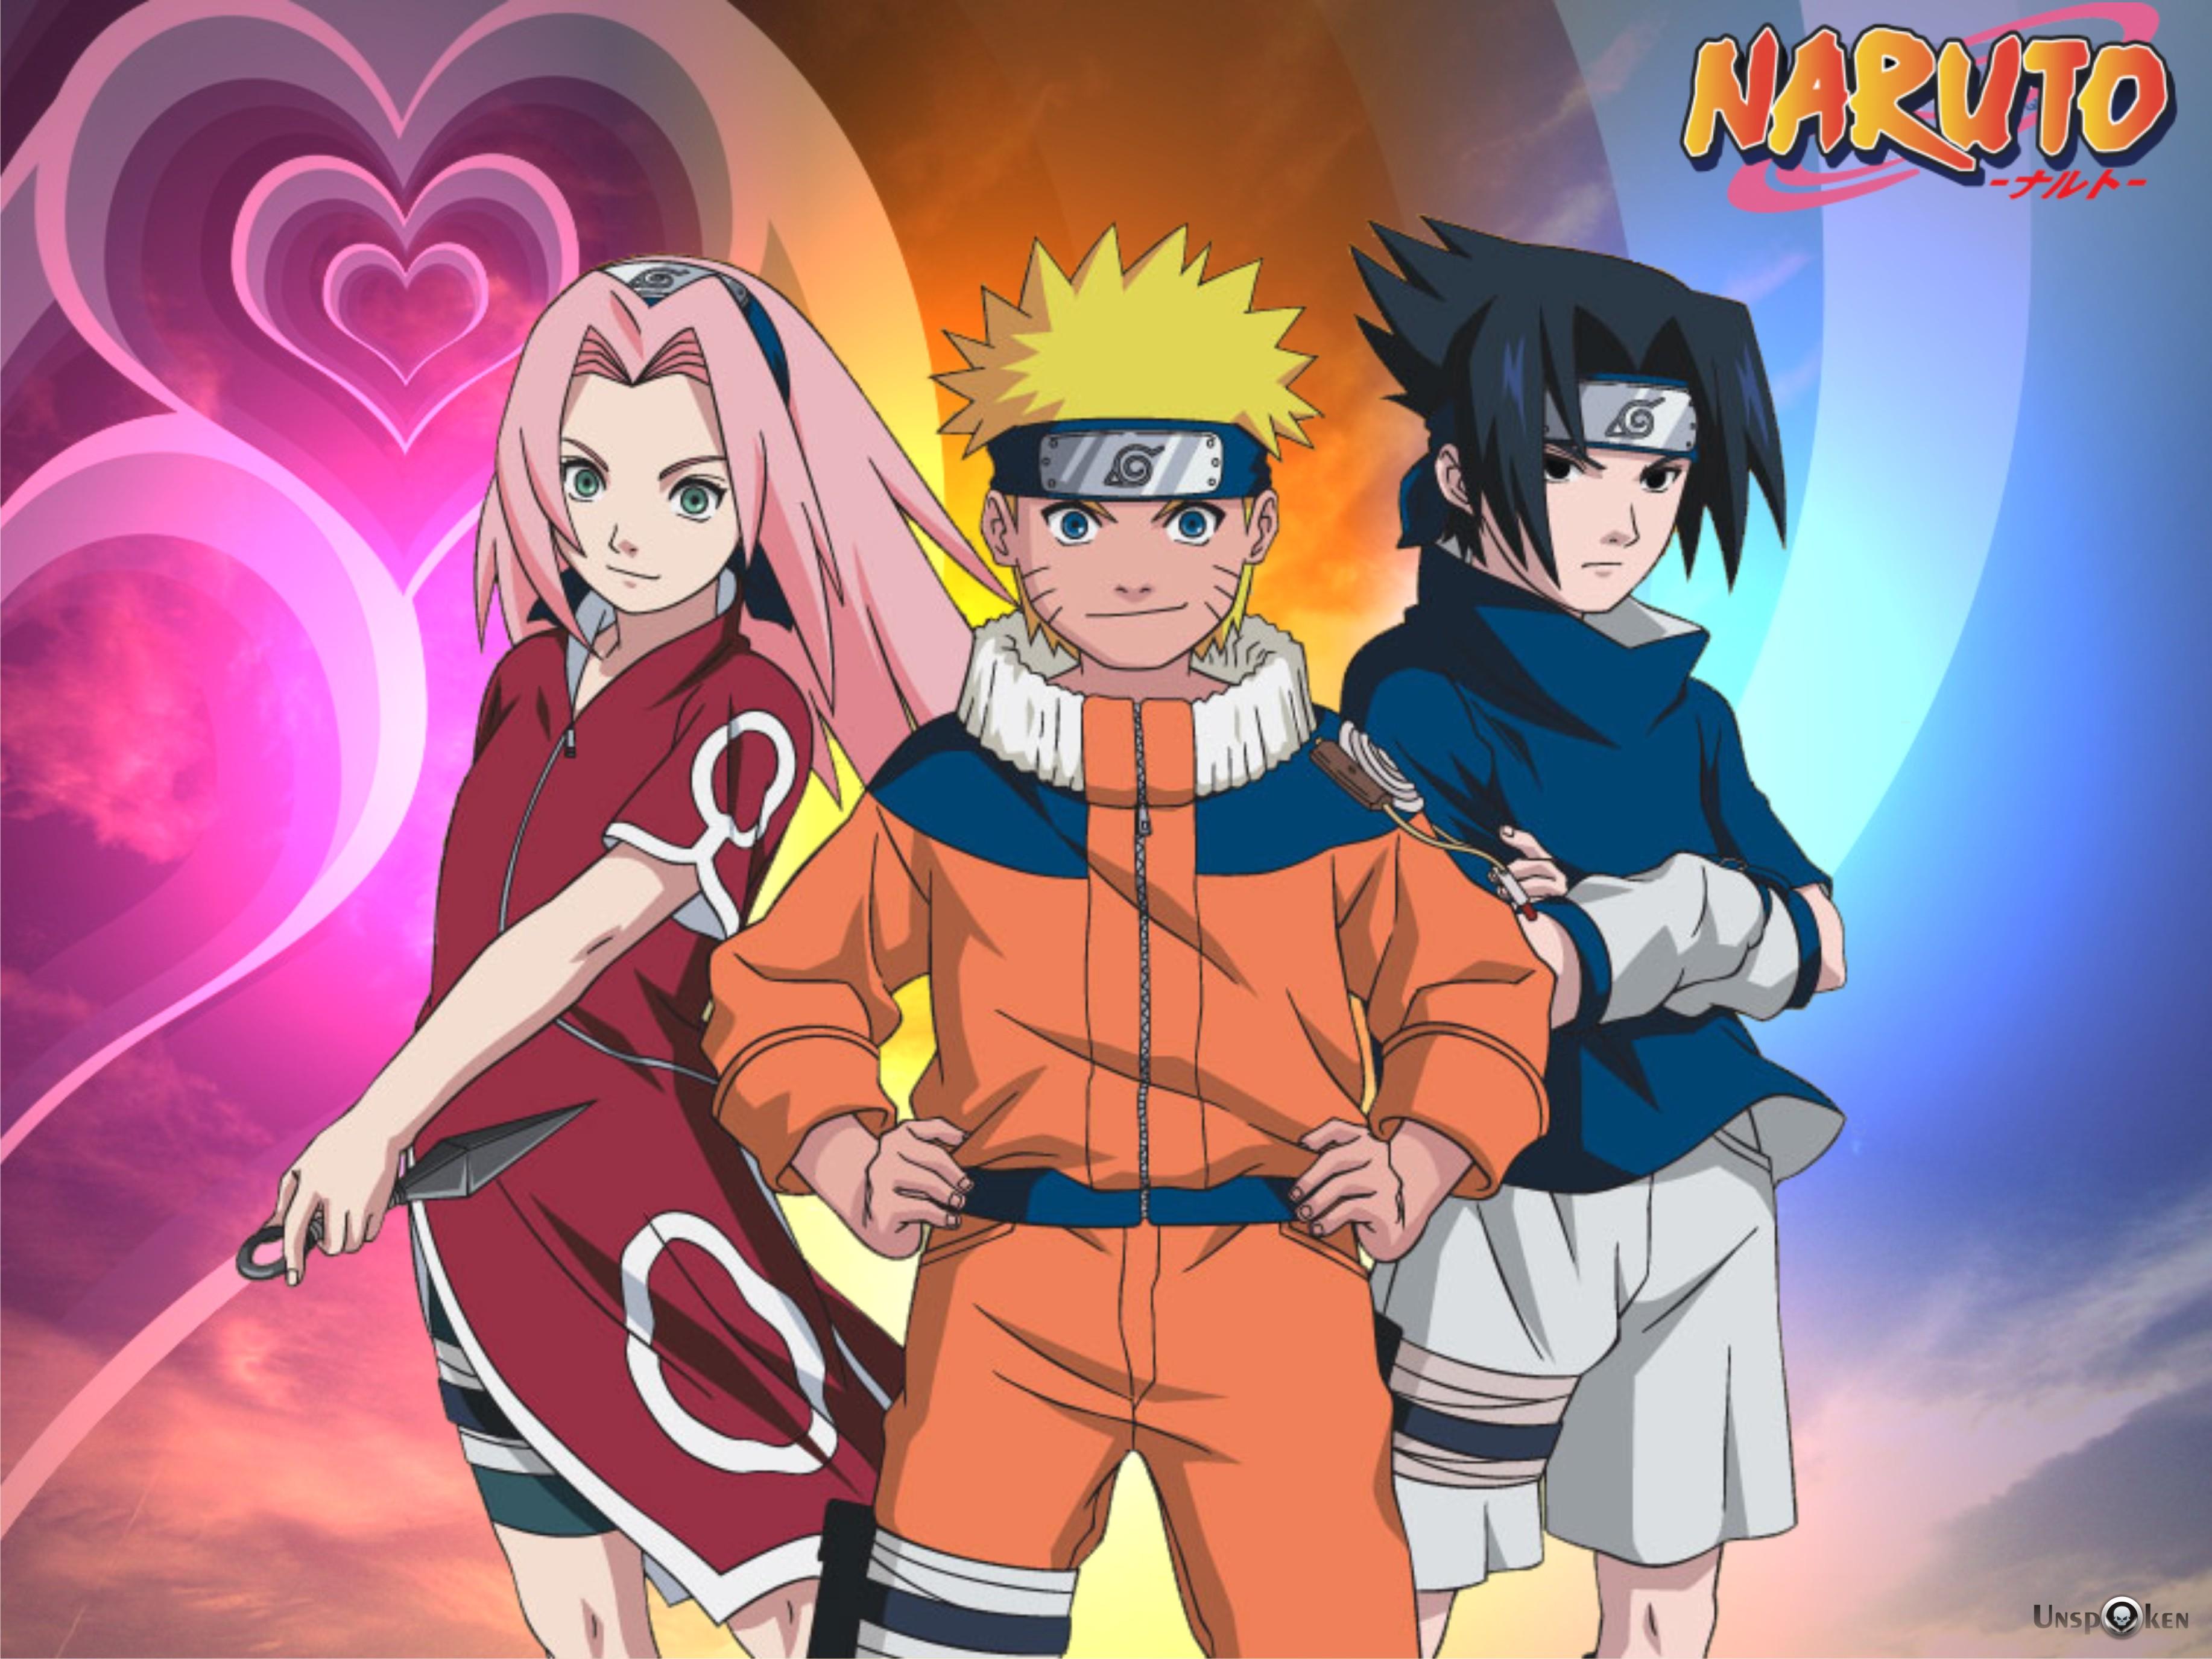 Naruto Sasuke Sakura Wallpaper - WallpaperSafari Naruto And Sakura And Sasuke